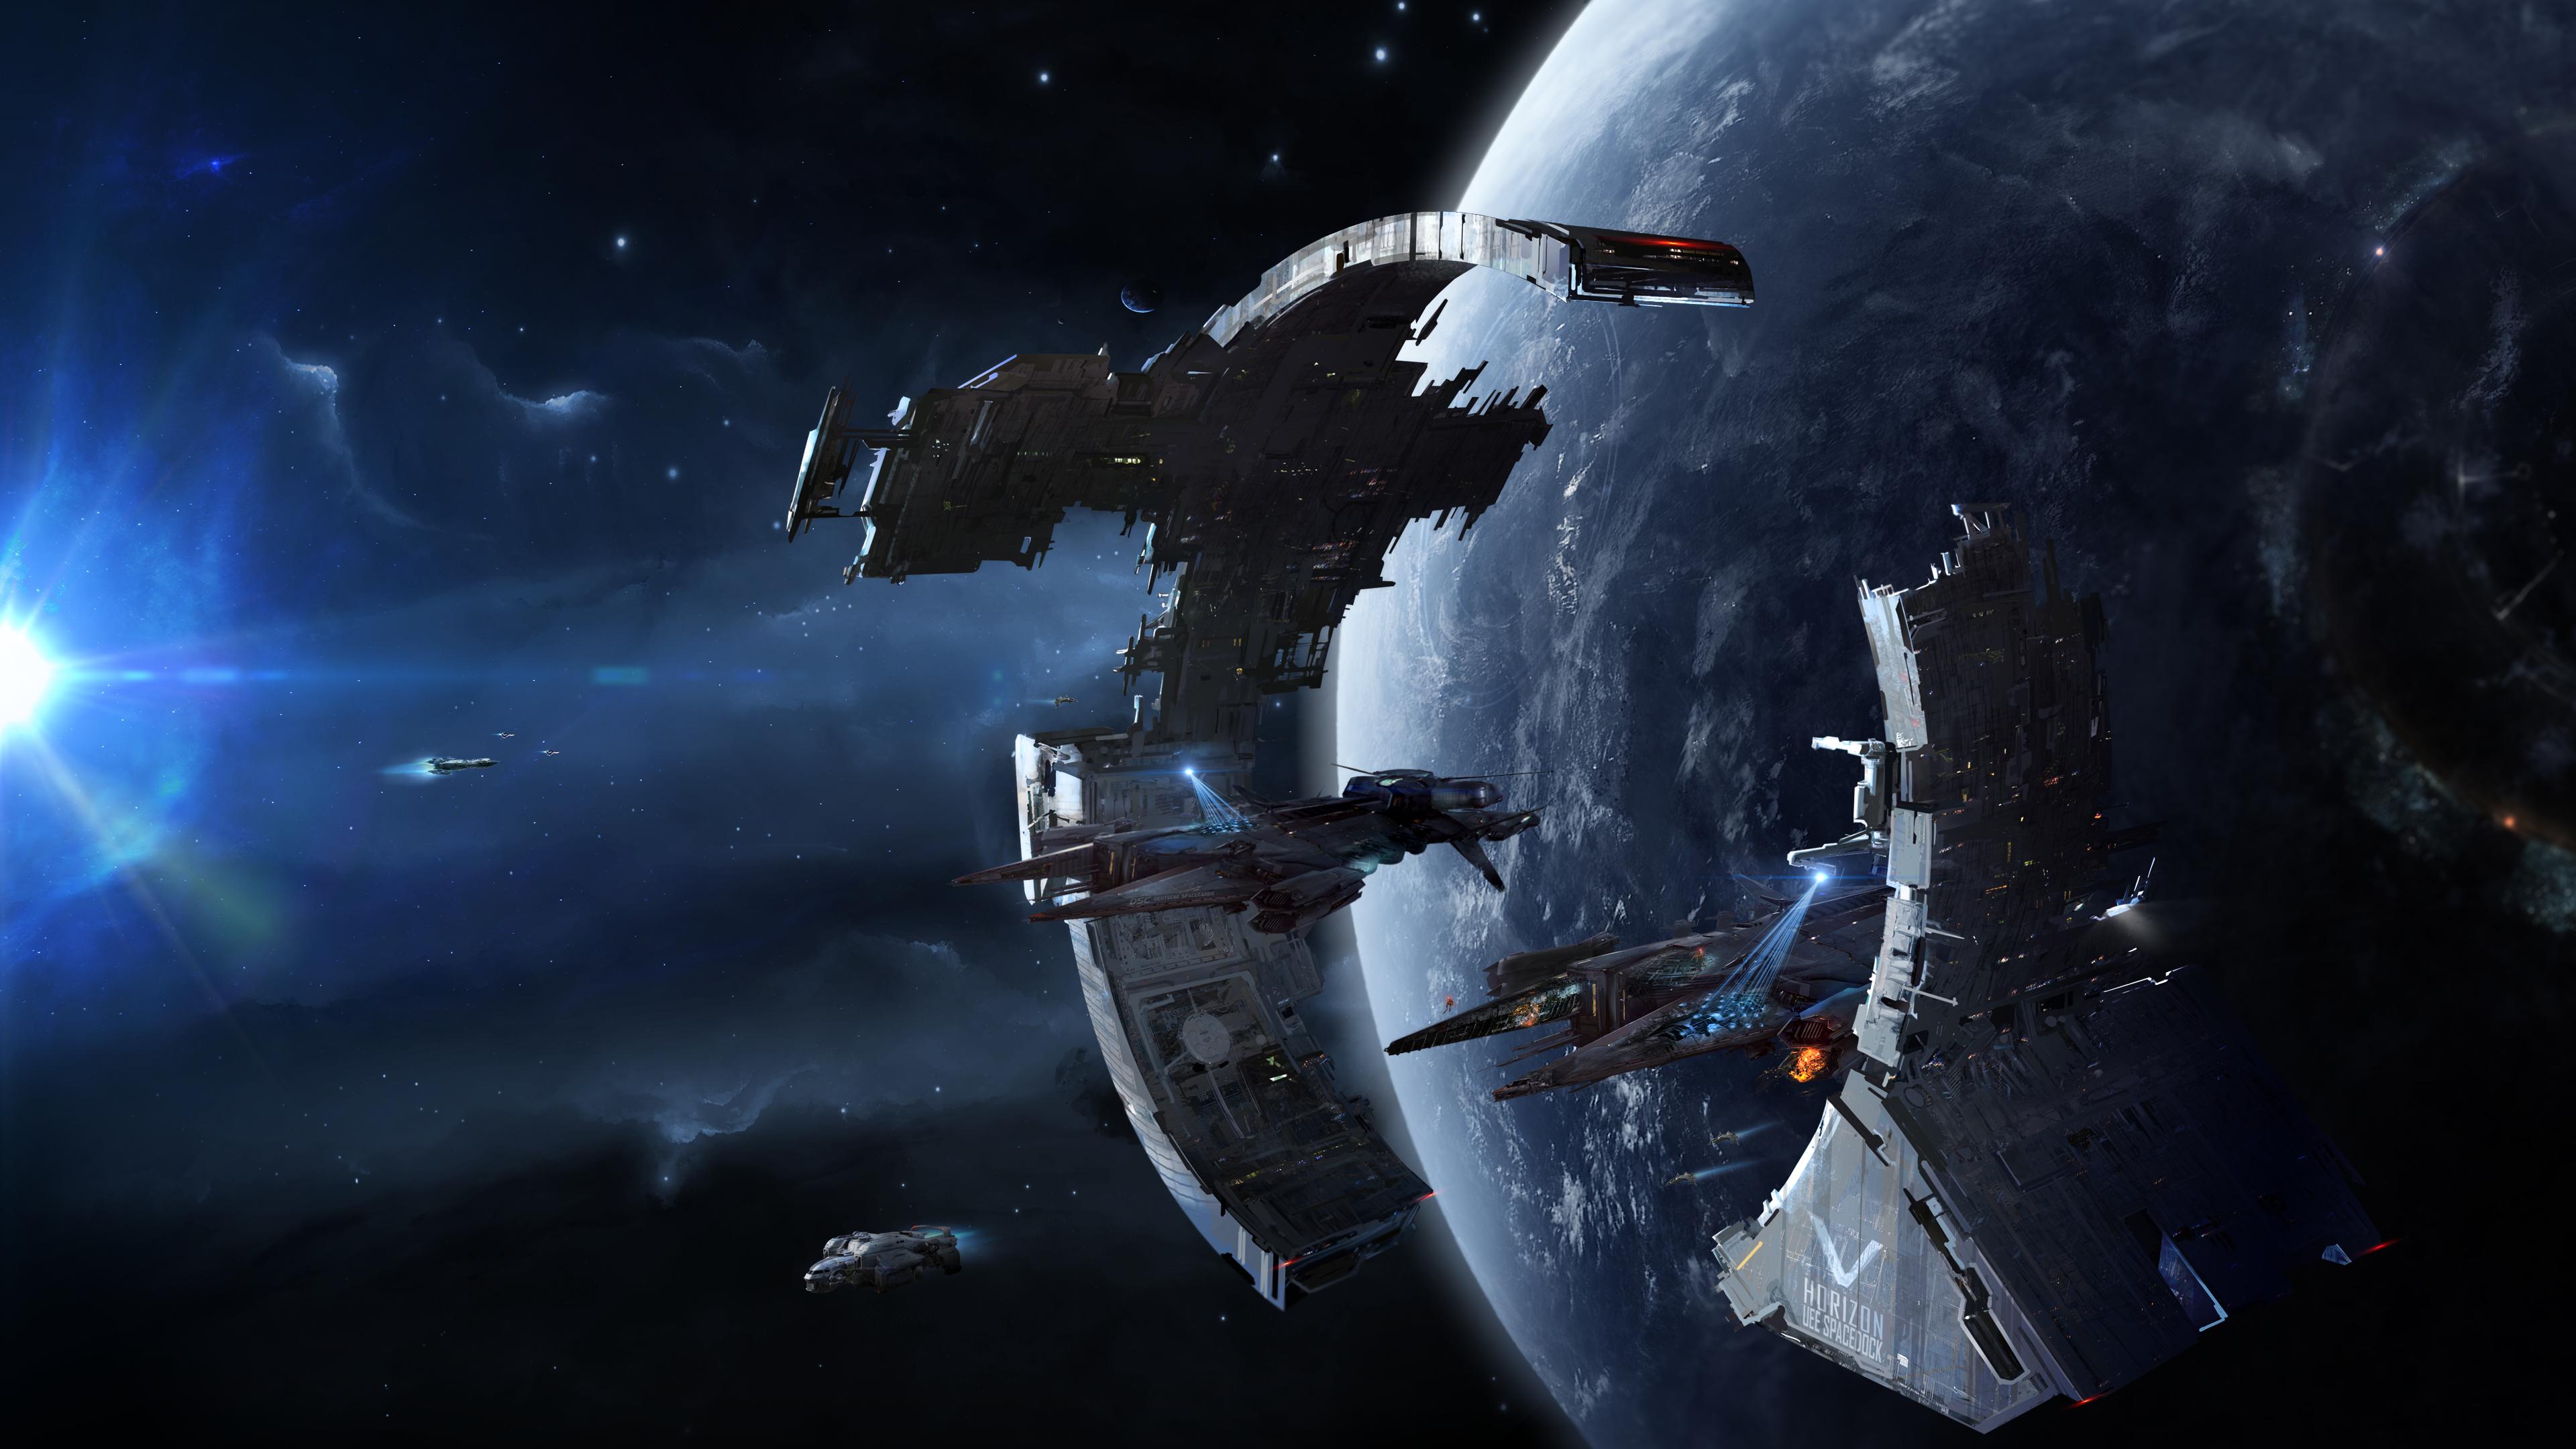 Citizen spotlight uee spacedock 4k wallpapers - Spaceship wallpaper 4k ...